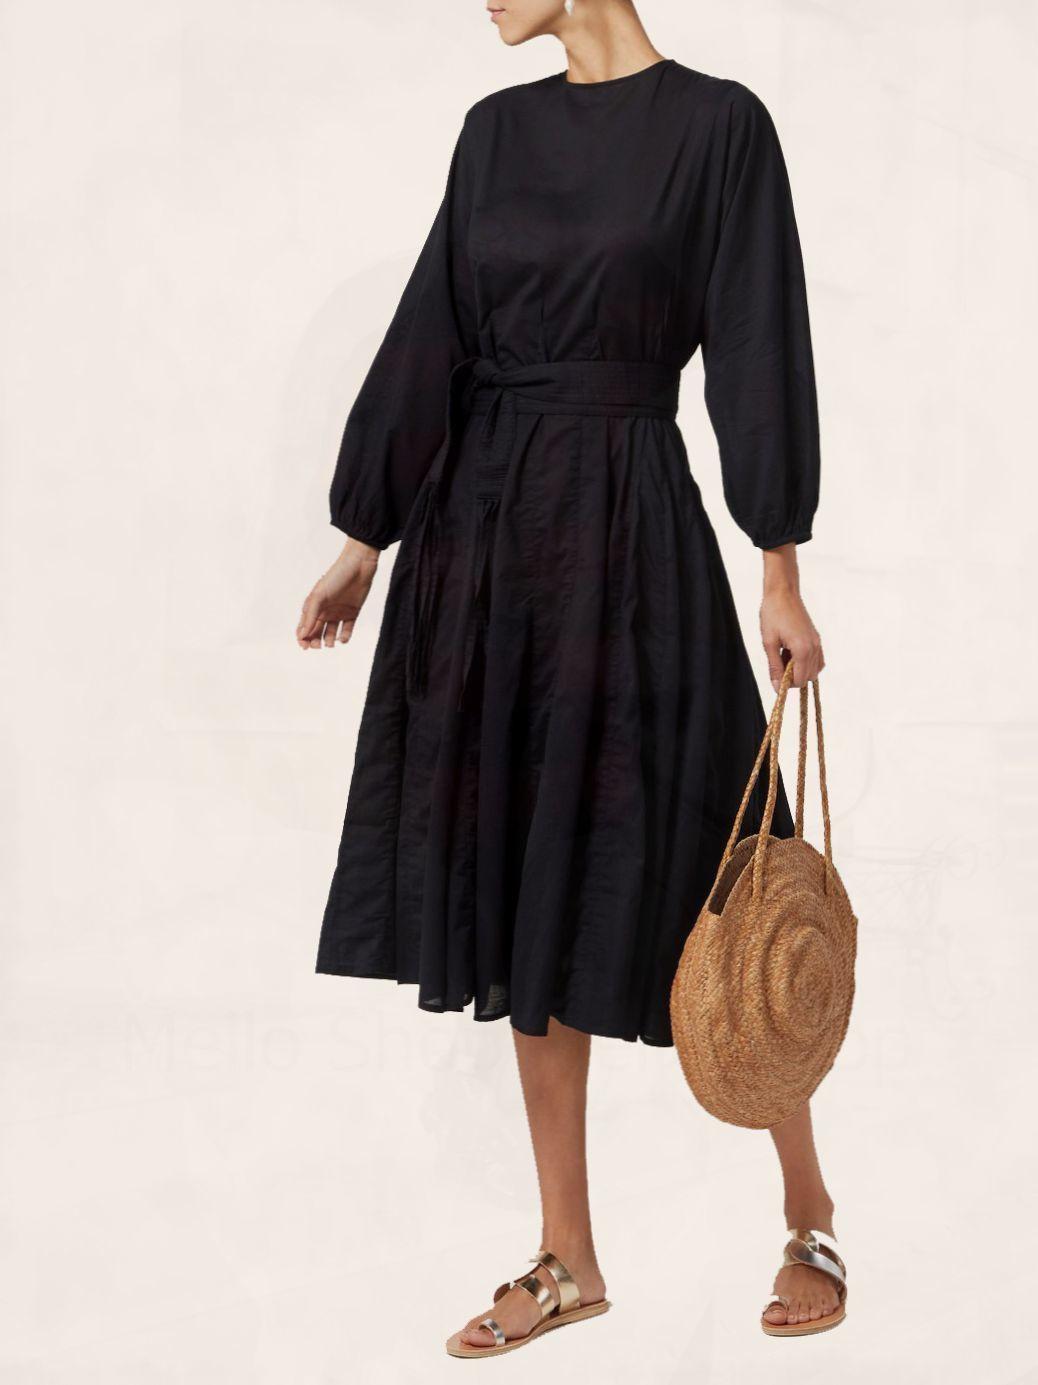 Блузки ручной работы. Ярмарка Мастеров - ручная работа. Купить Черное коктейльное платье. Отлично подойдет для работы или коктейльной. Handmade.